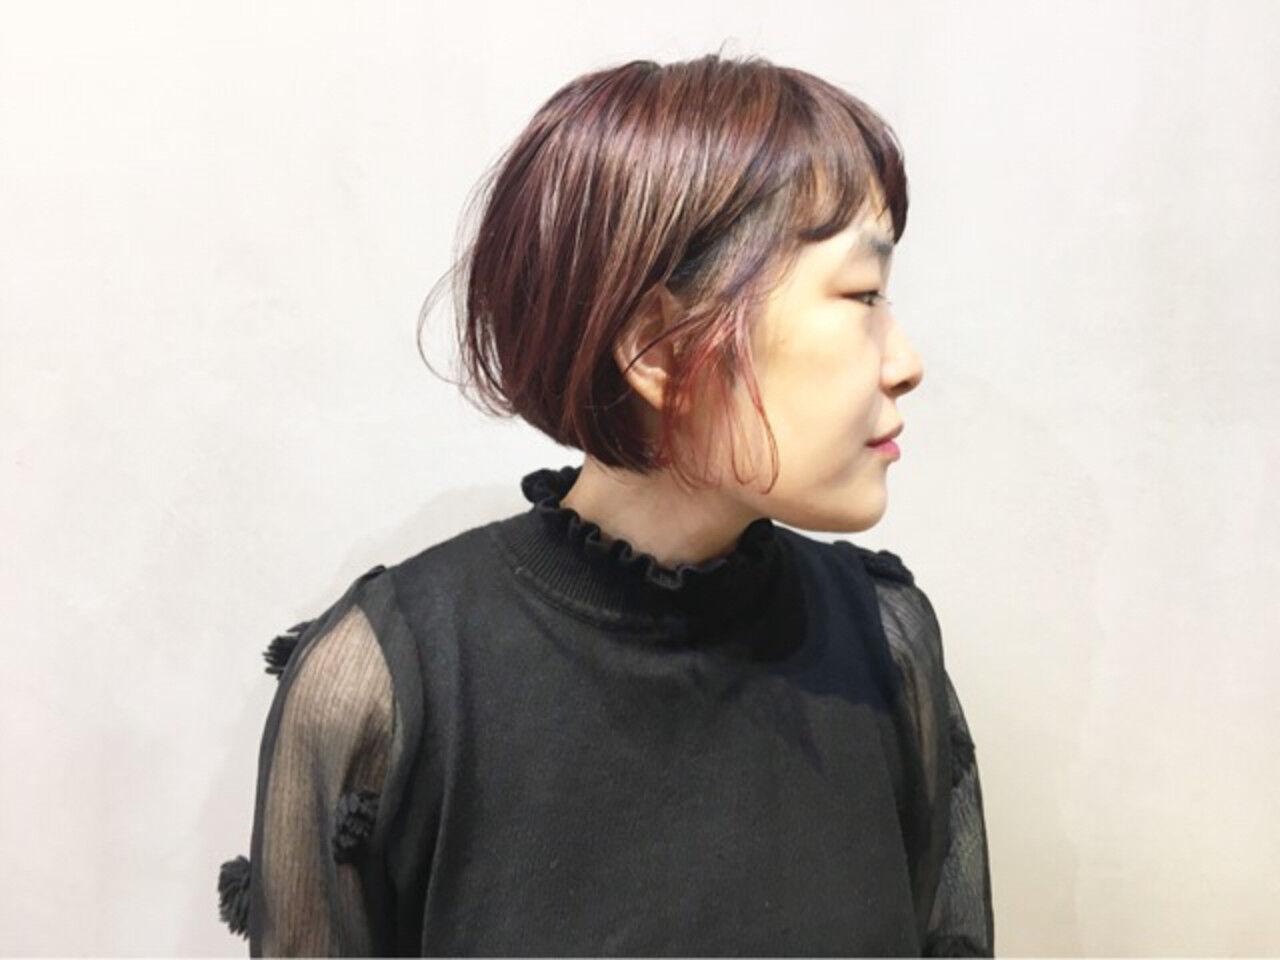 レッドブラウン ナチュラル カシスレッド チェリーレッドヘアスタイルや髪型の写真・画像